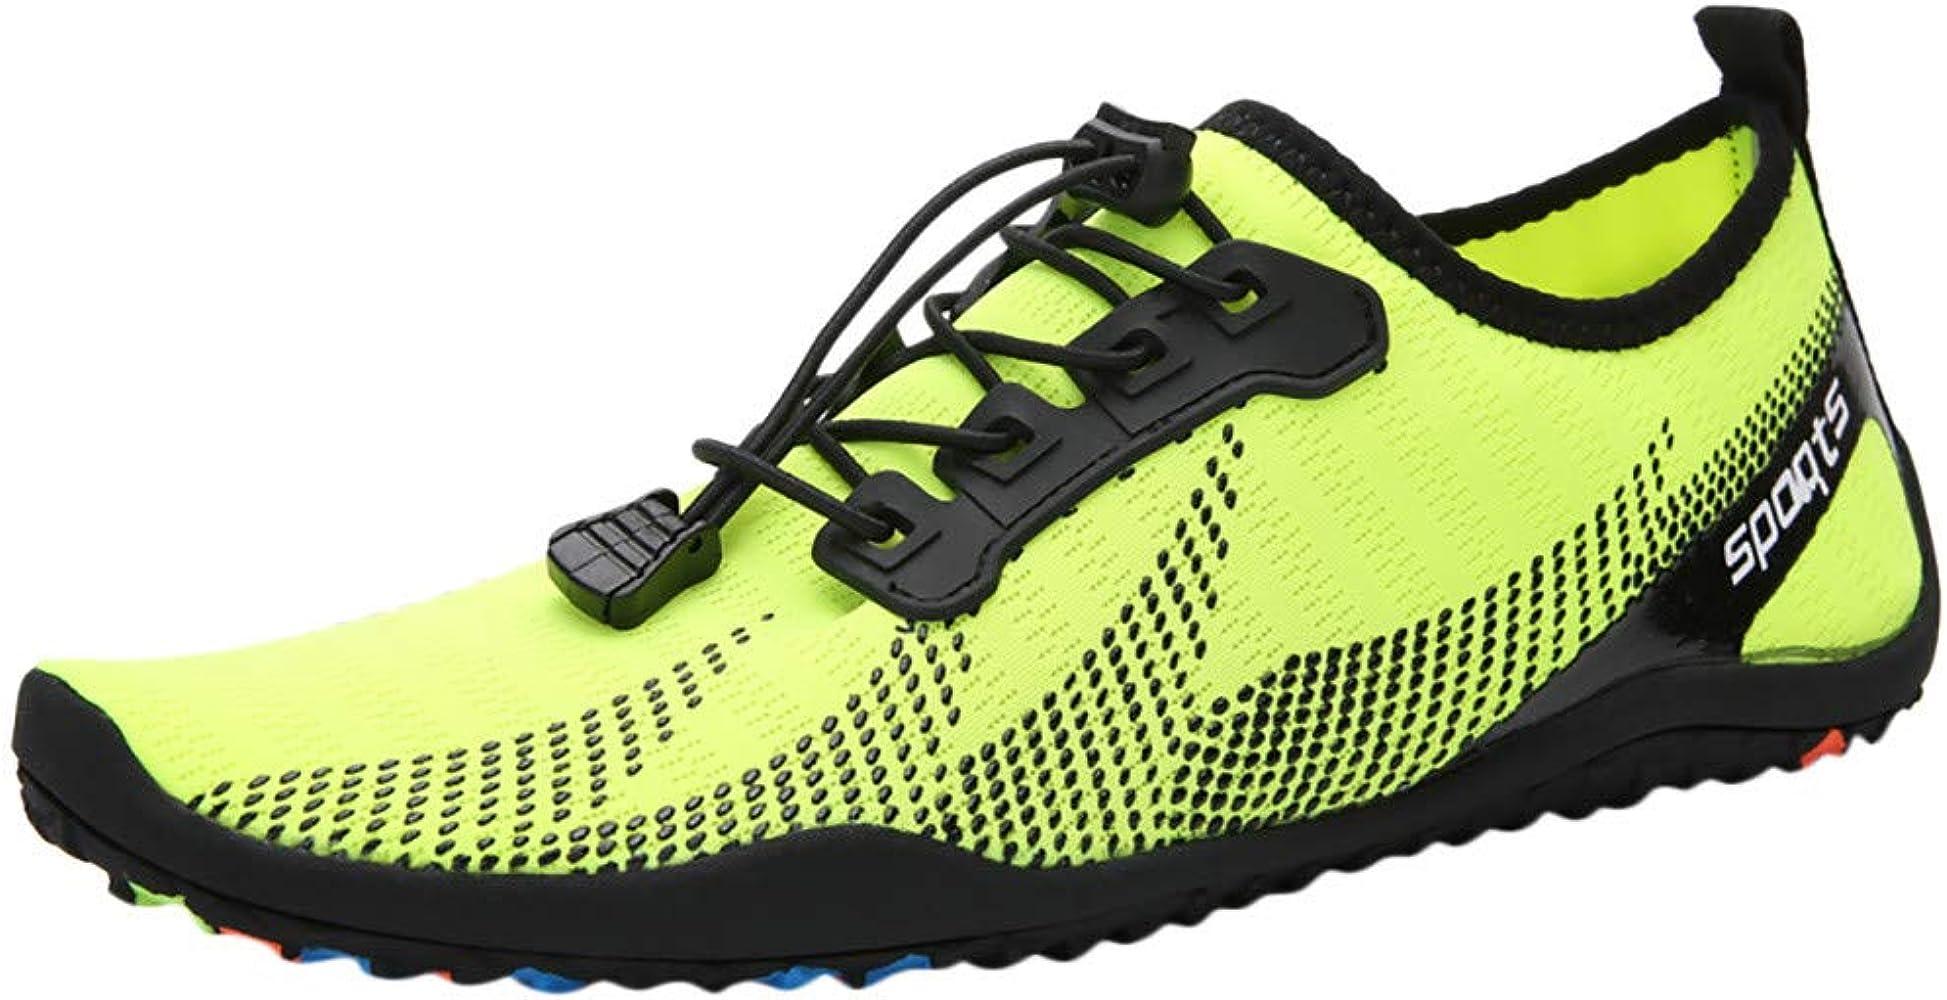 Routinfly Zapatillas De Playa Al Aire Libre para Hombres Y Mujeres, Zapatos De NatacióN De Agua Adultos Pareja Plana Suave Transpirable Mar Femenino Vadear Zapato: Amazon.es: Deportes y aire libre